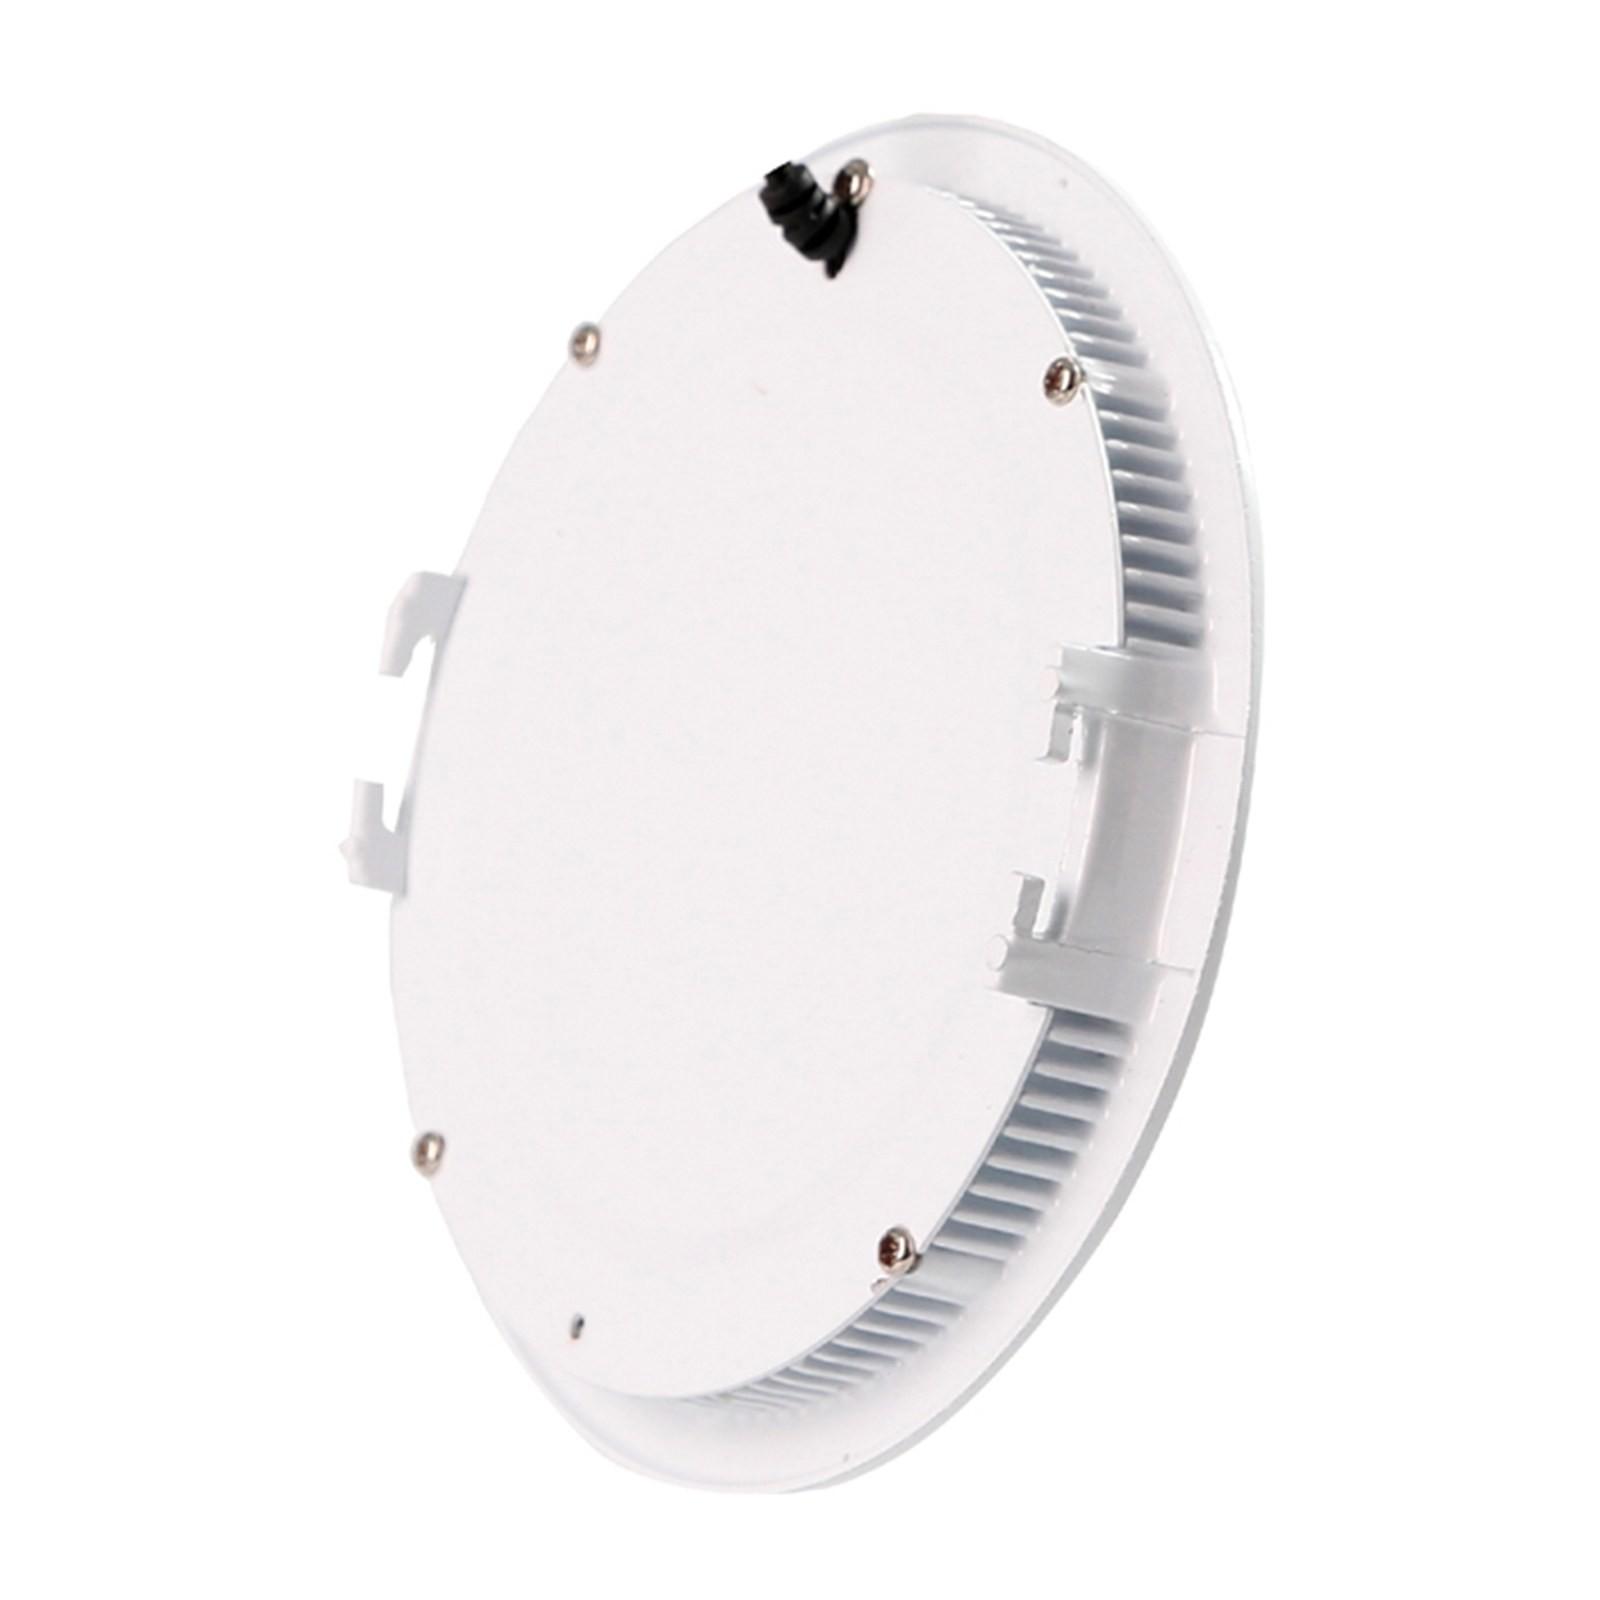 Faro faretto pannello led luce bianca calda 25 watt for Led luce calda